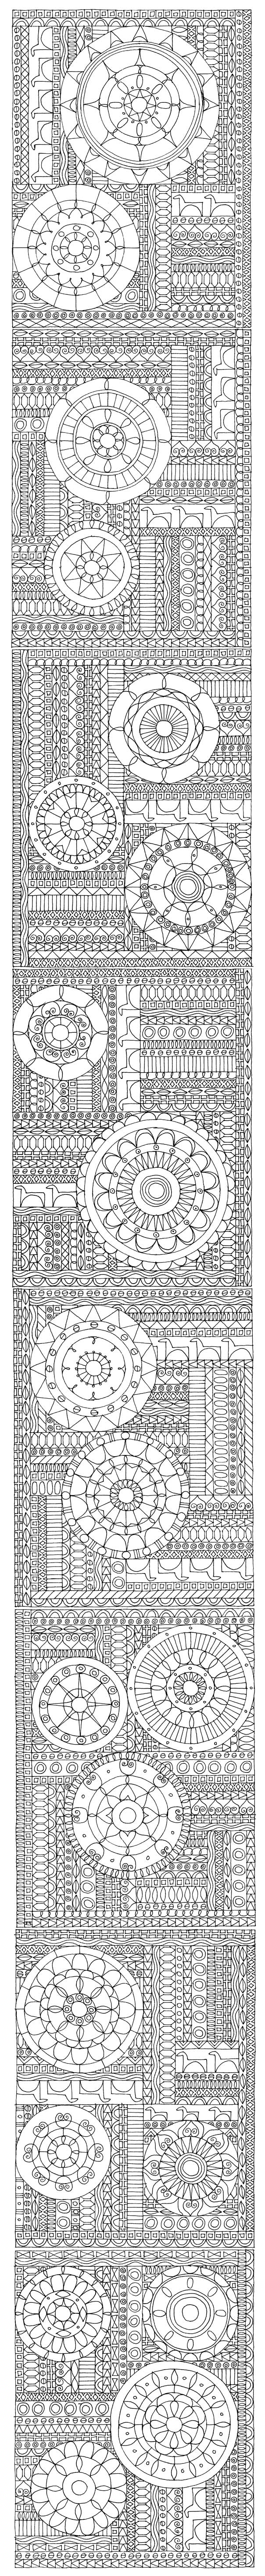 Doodle242